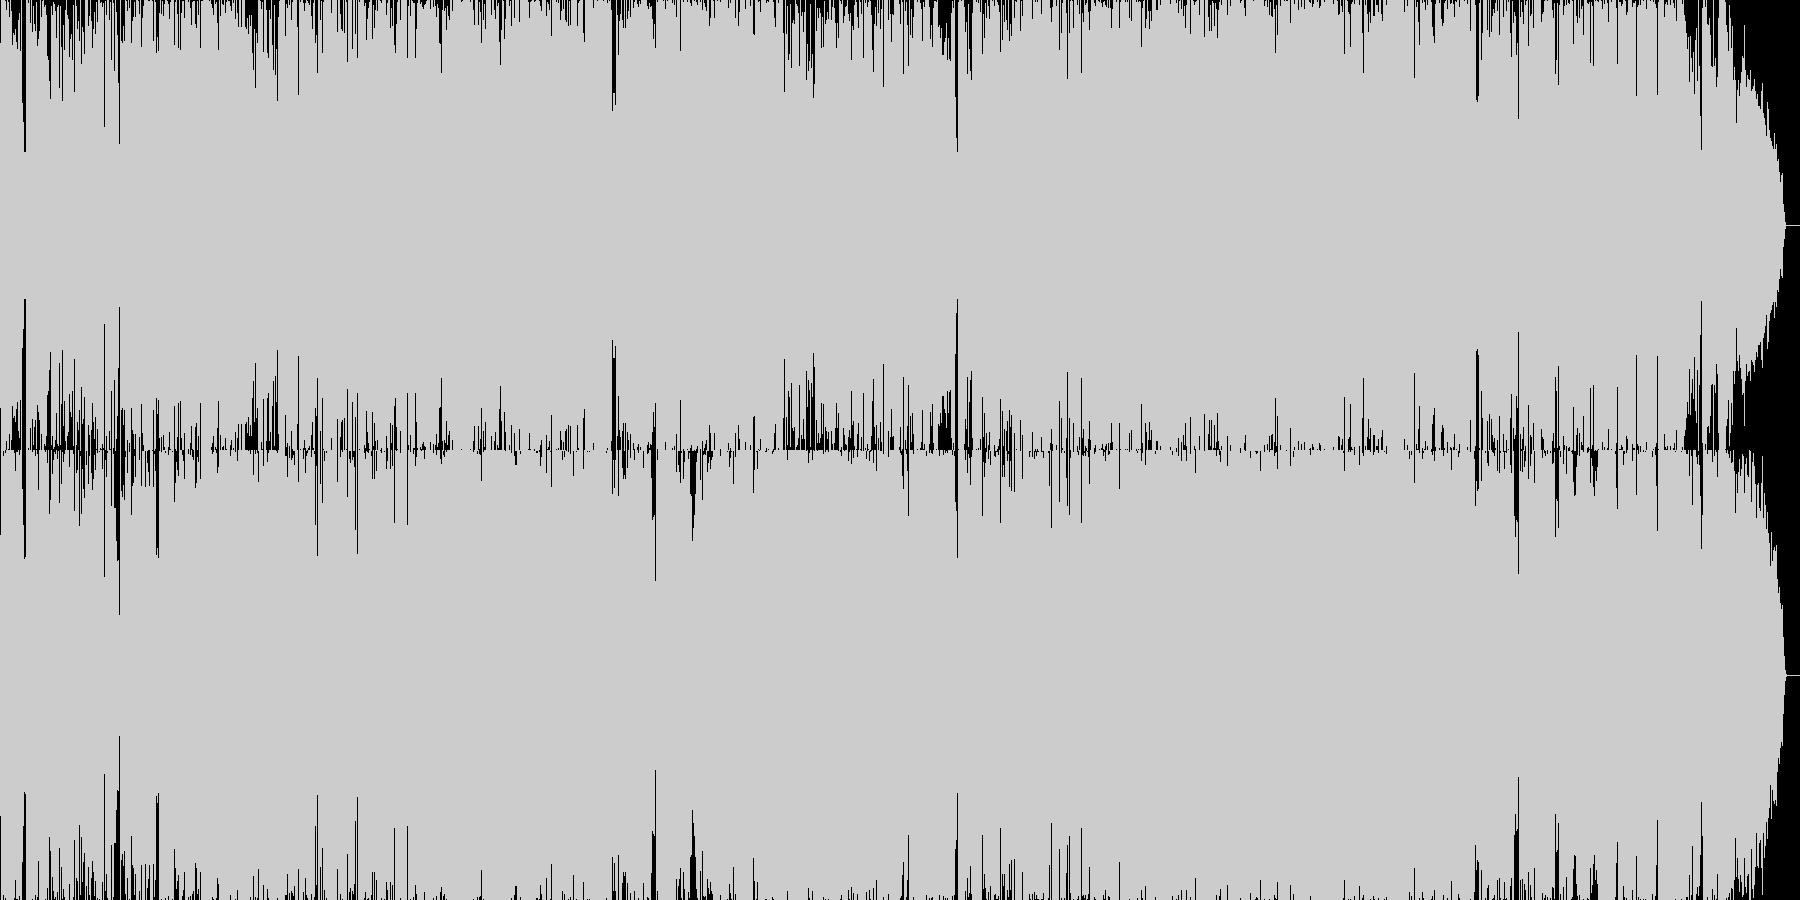 京都をイメージしたフォークソングの未再生の波形